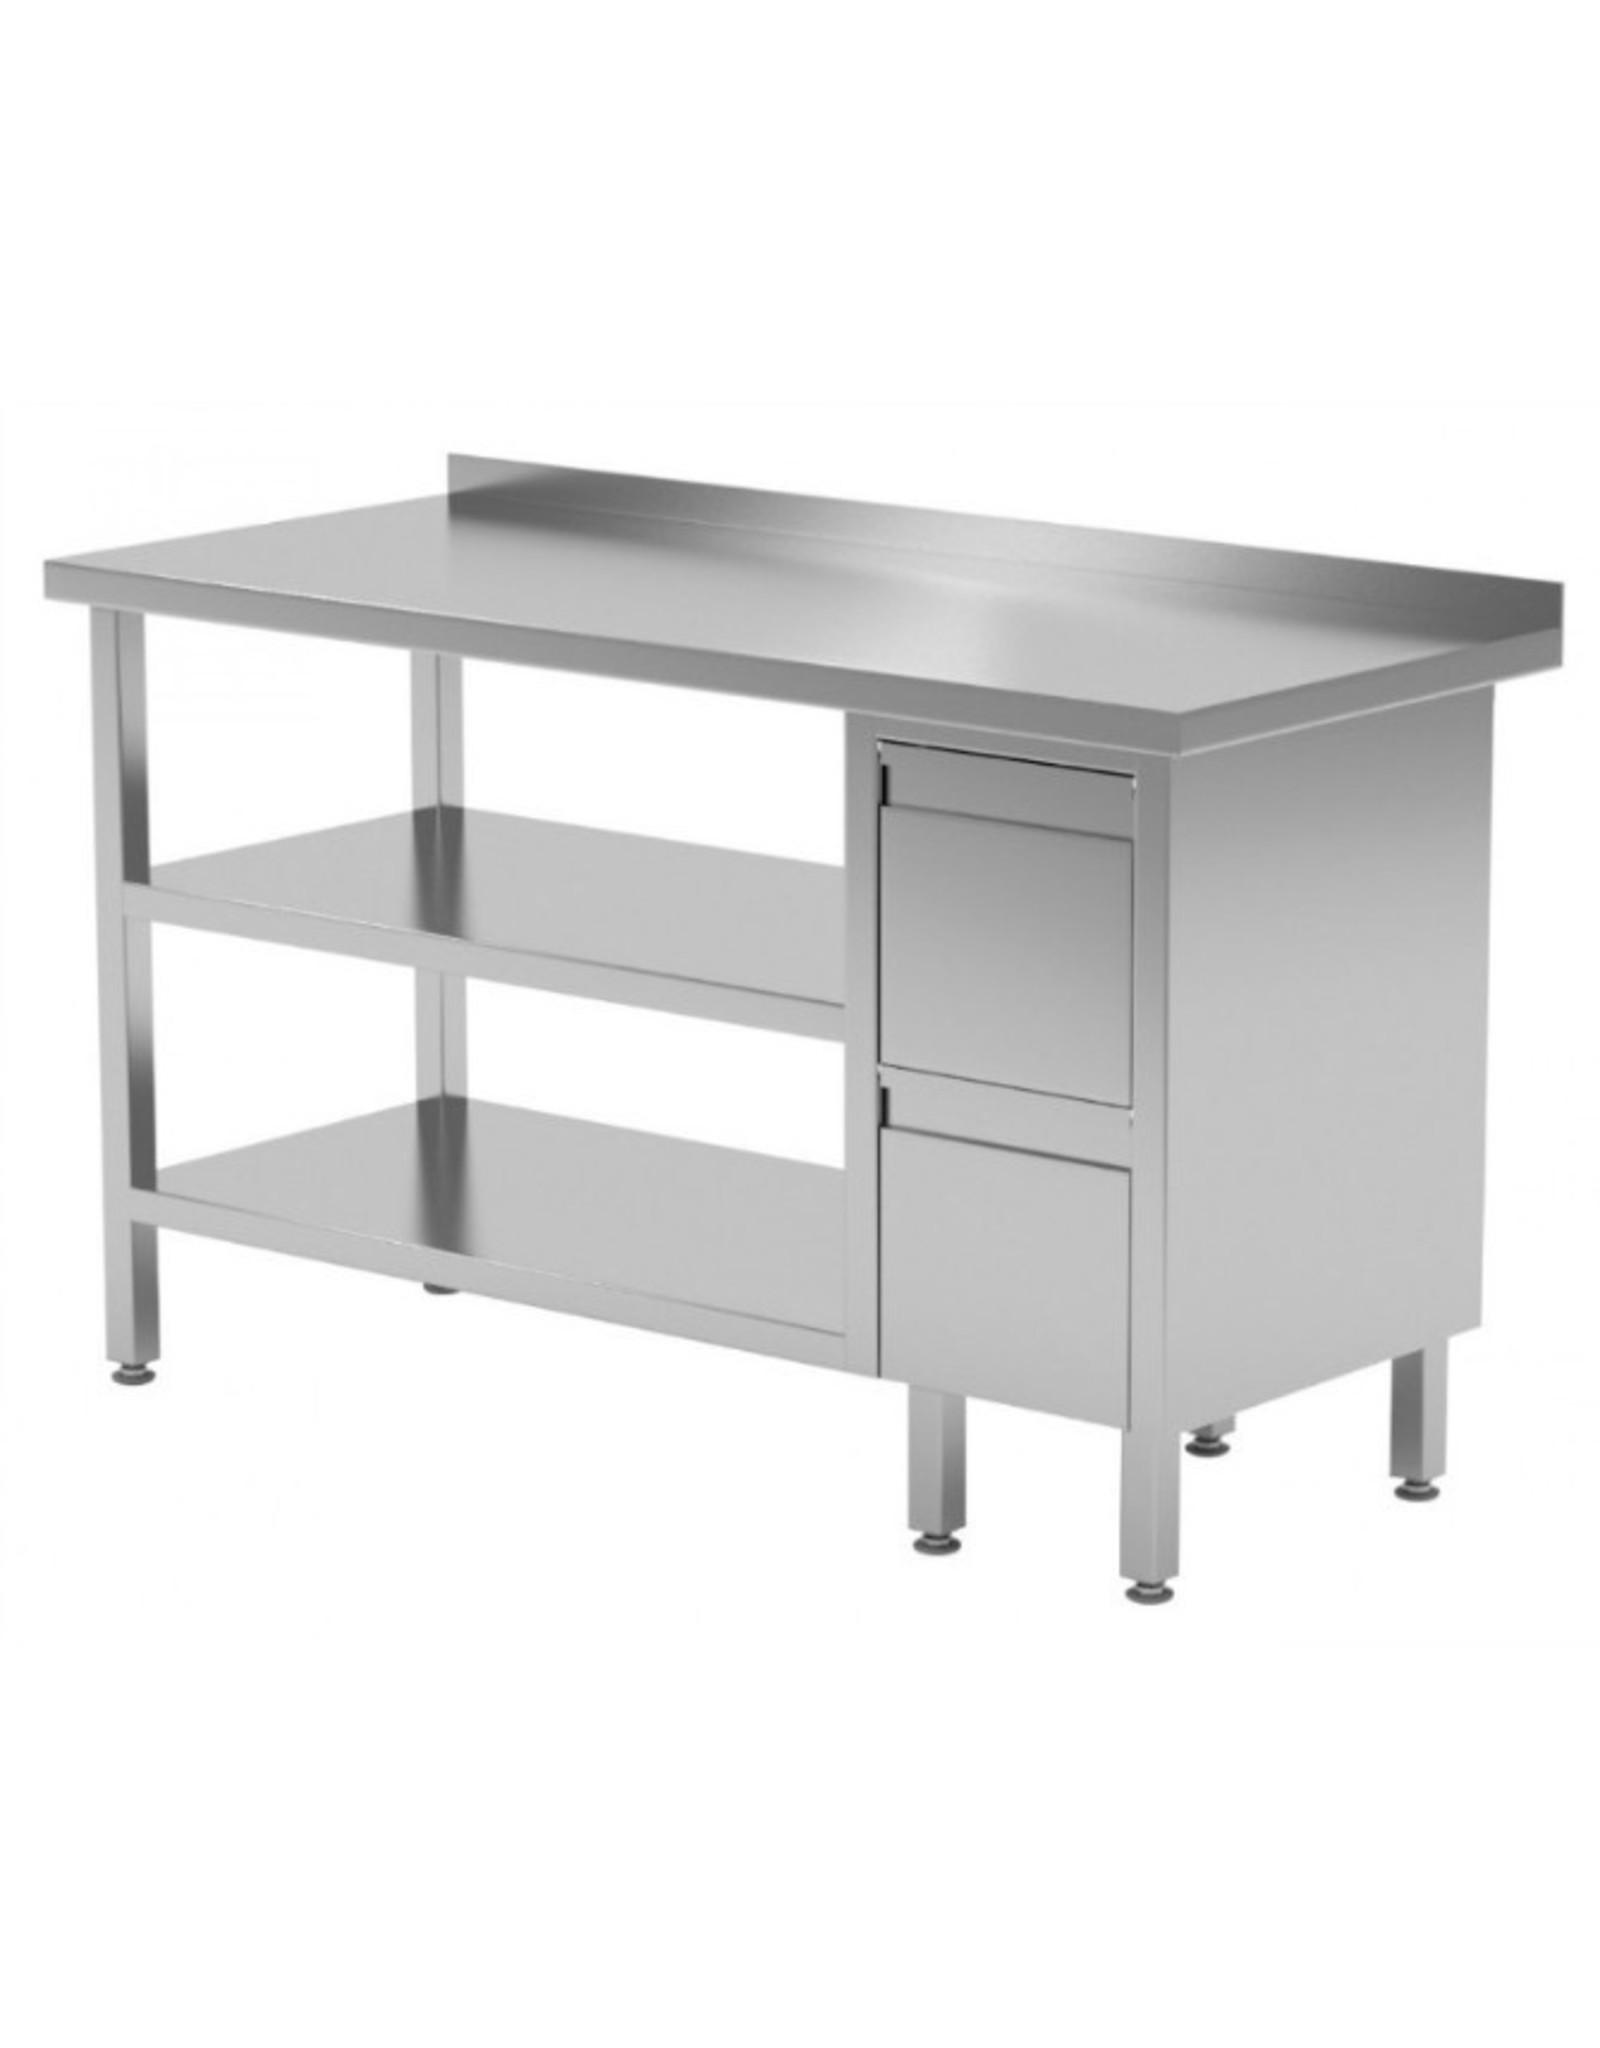 Werktafel met 2 lades rechts en dubbele onderplank | 800-1900mm breed | 600 of 700mm diep